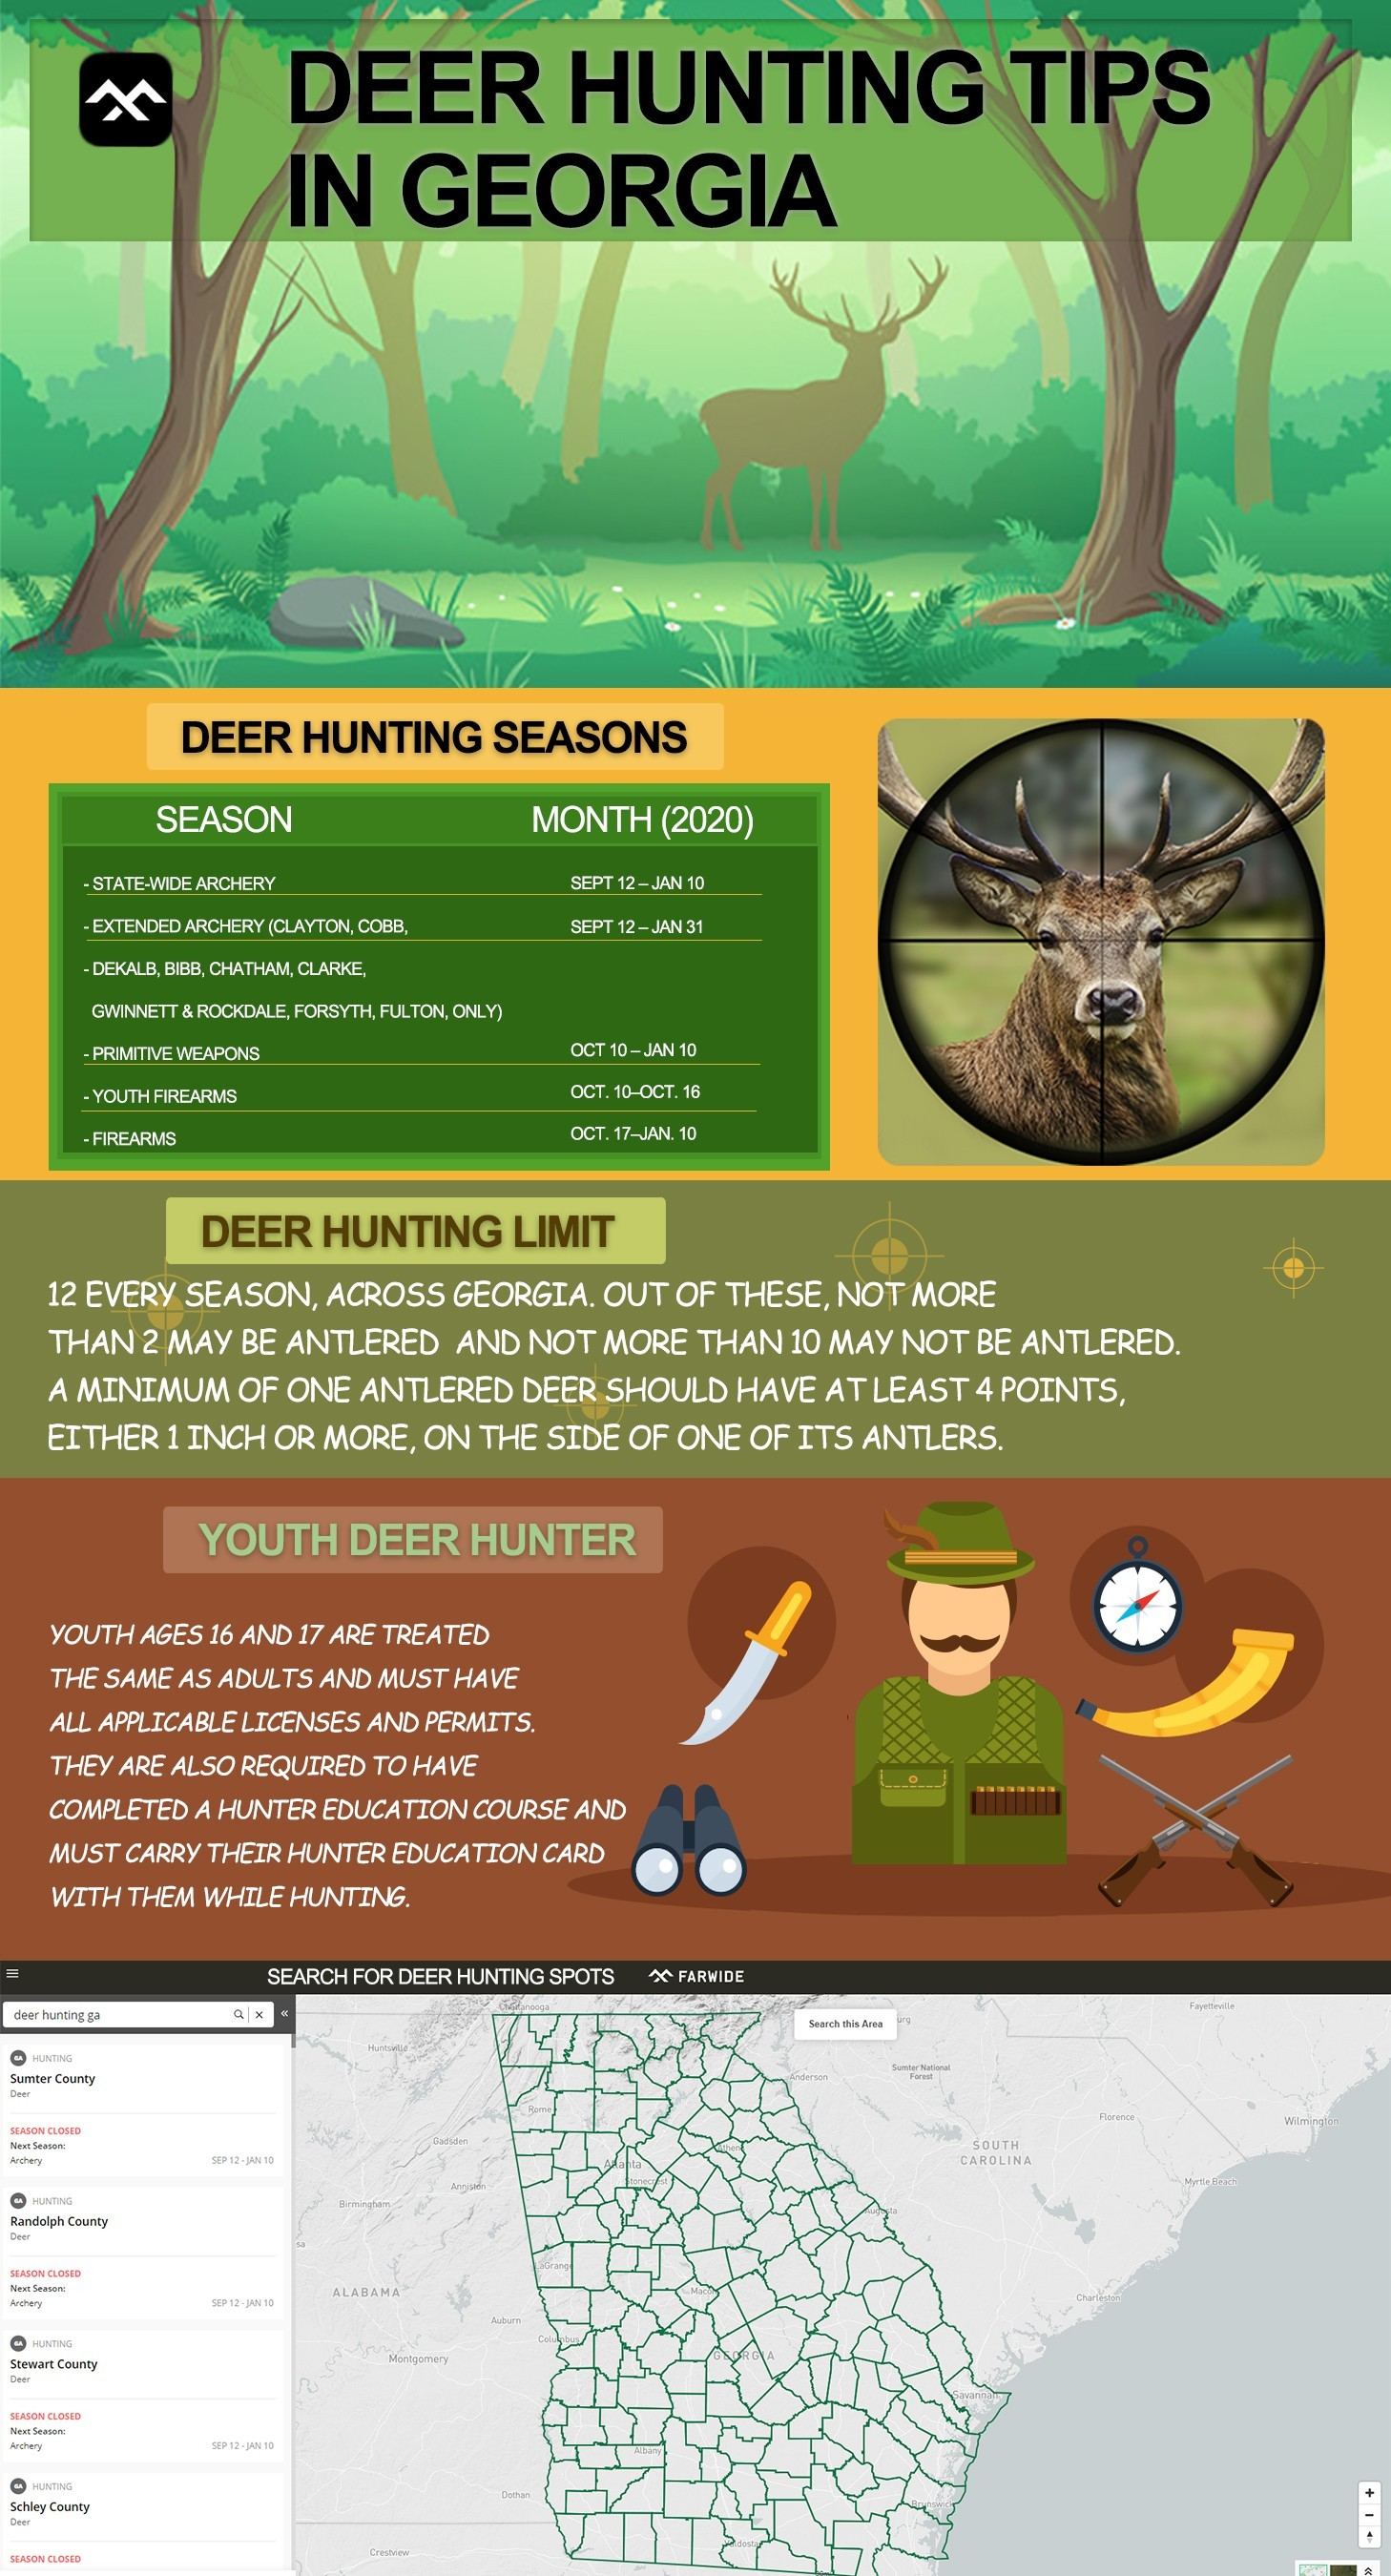 Deer Hunting Tips in Georgia